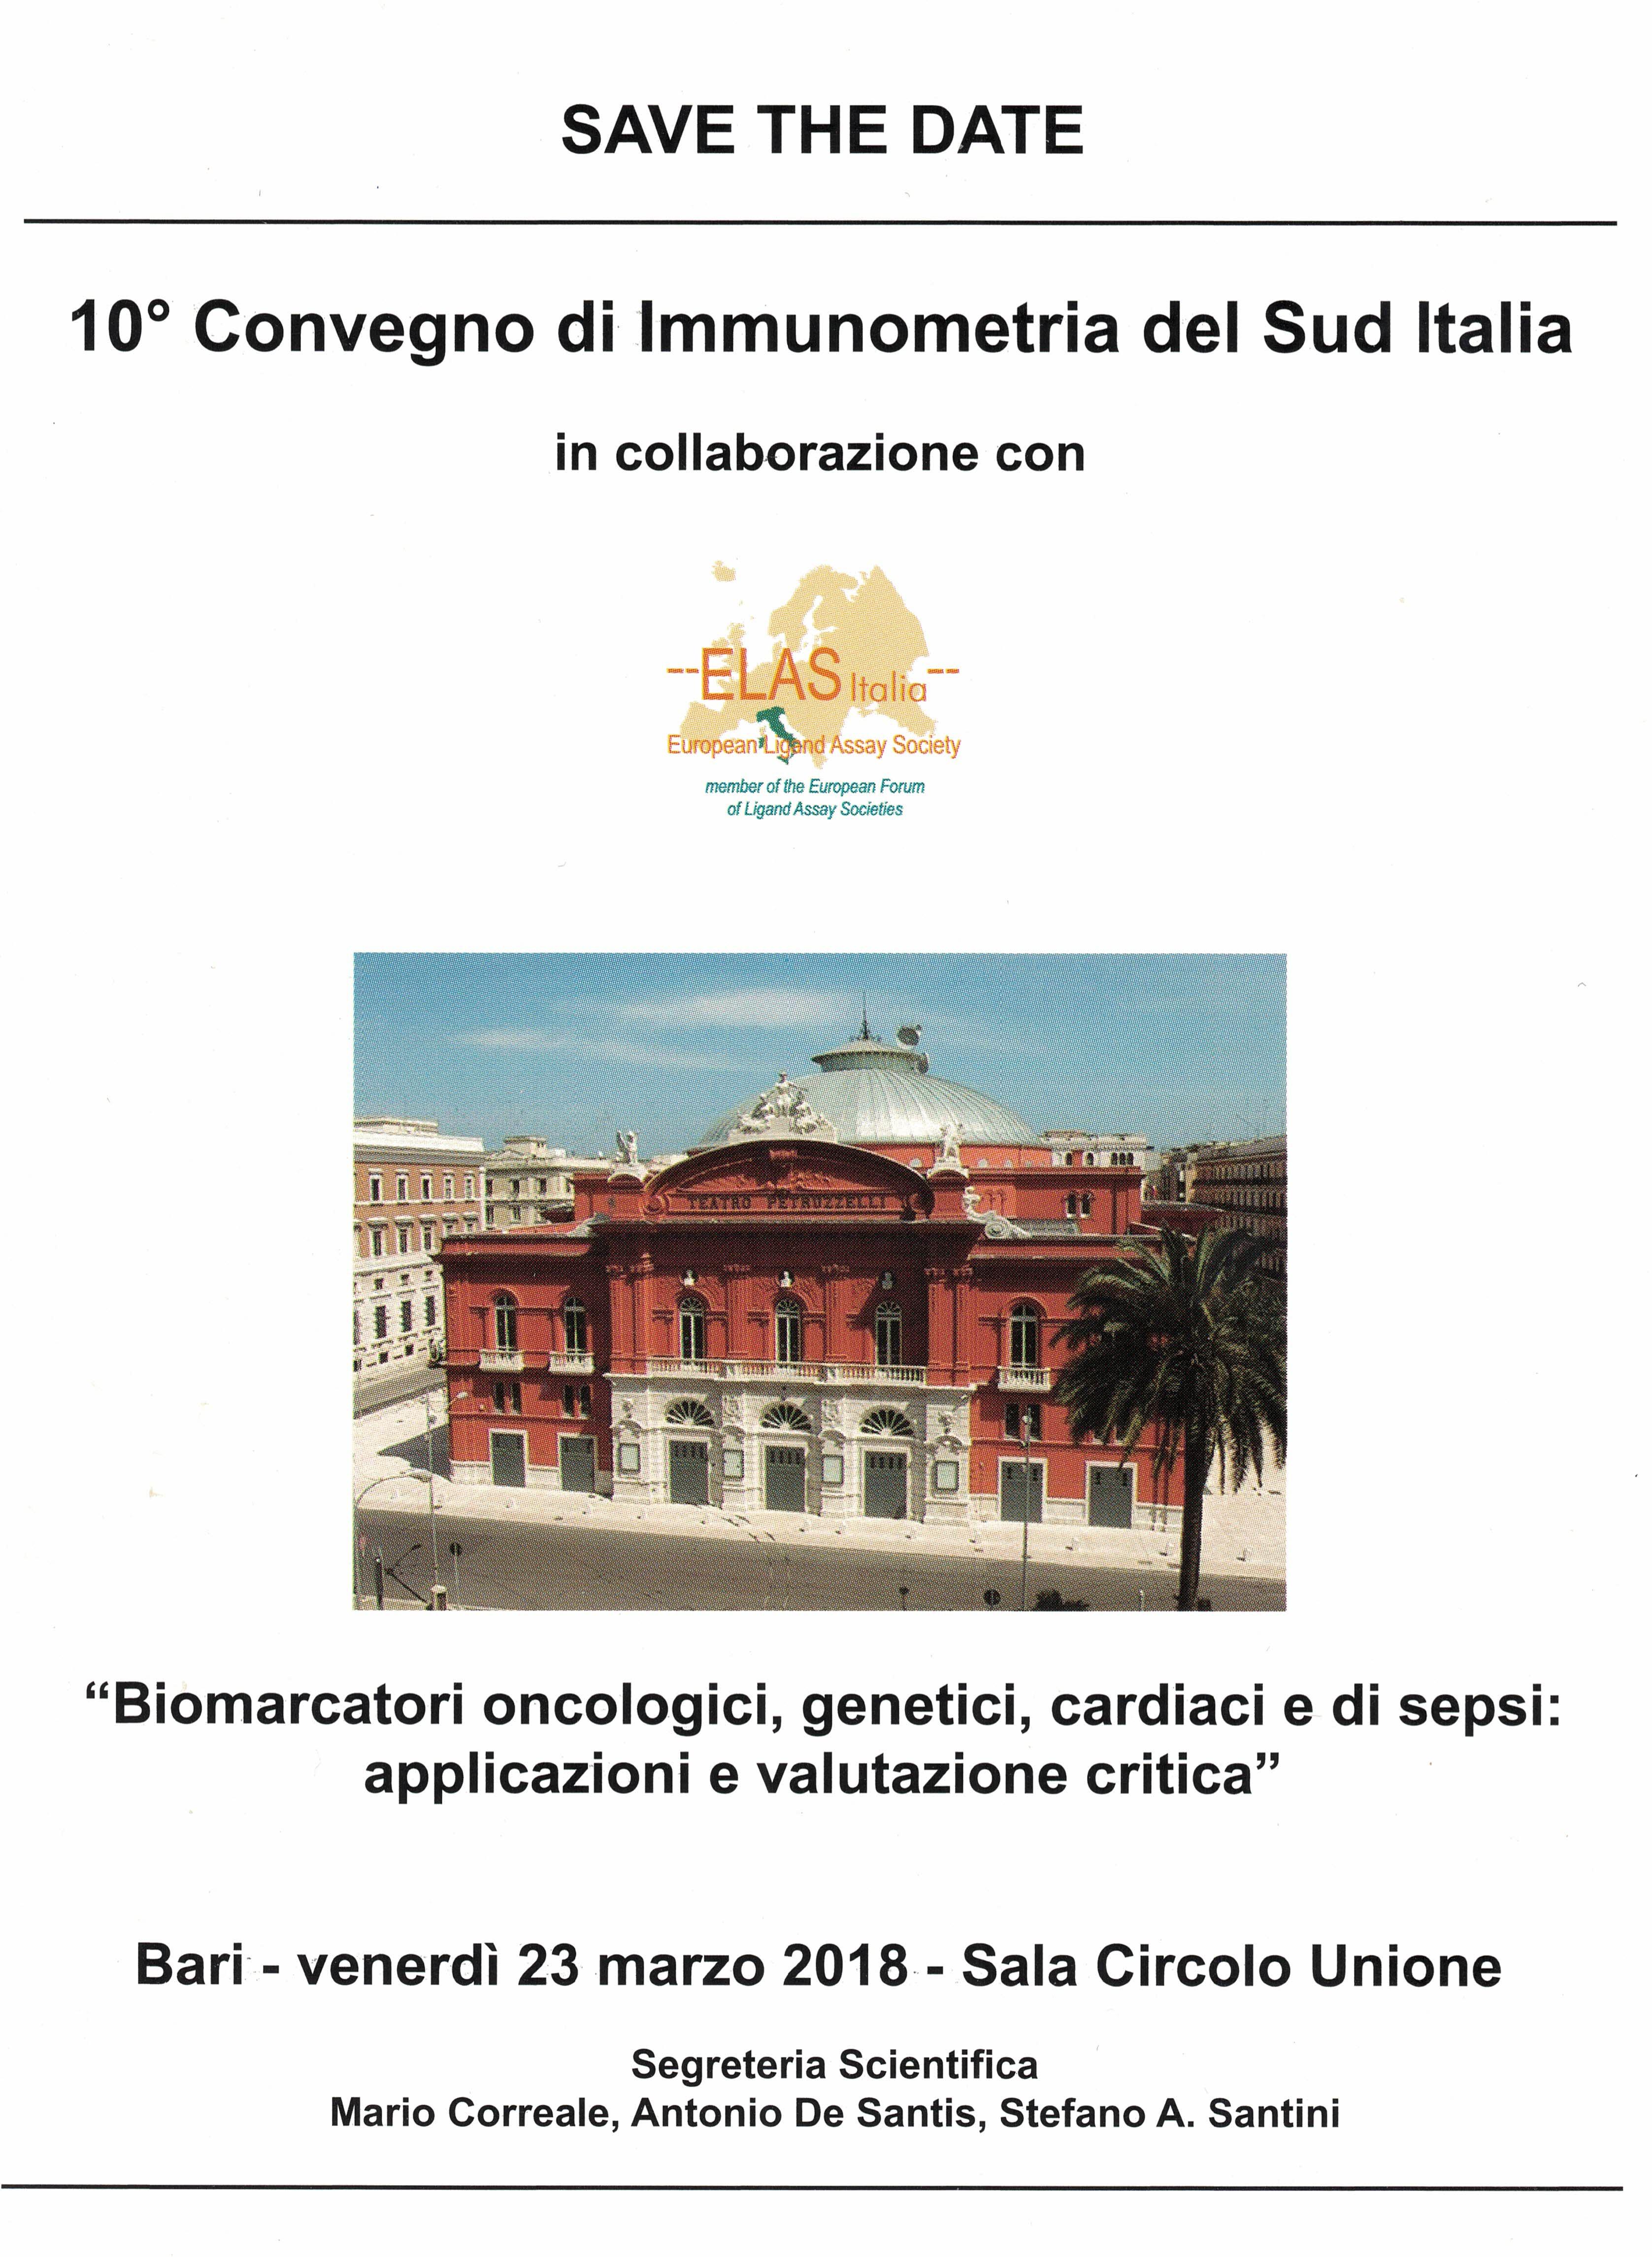 10° Convegno di Immunometria del Sud Italia